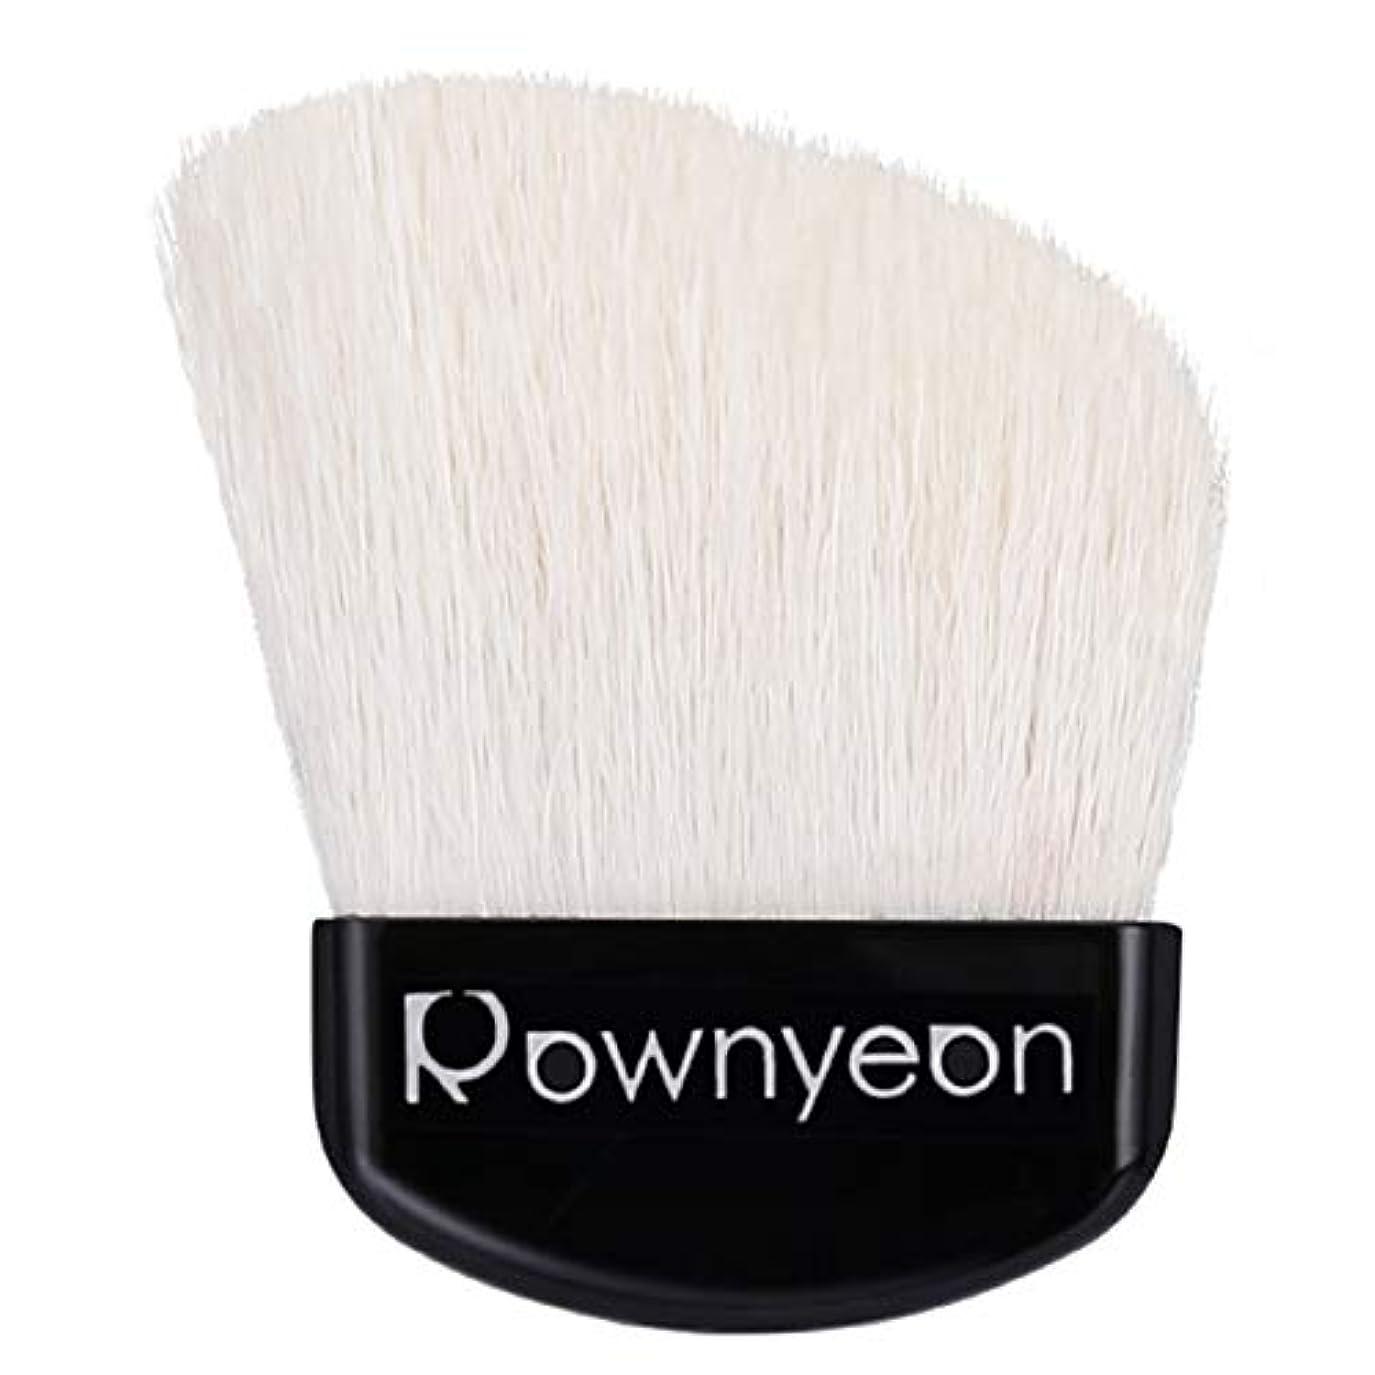 島フロー漫画Rownyeon パウダーブラシ 携帯用 100%天然毛 ミニ パクトイン フェースブラシ チークブラシ 扇型 携帯便利 ミニ メイク直し 単品 収納ケース付き